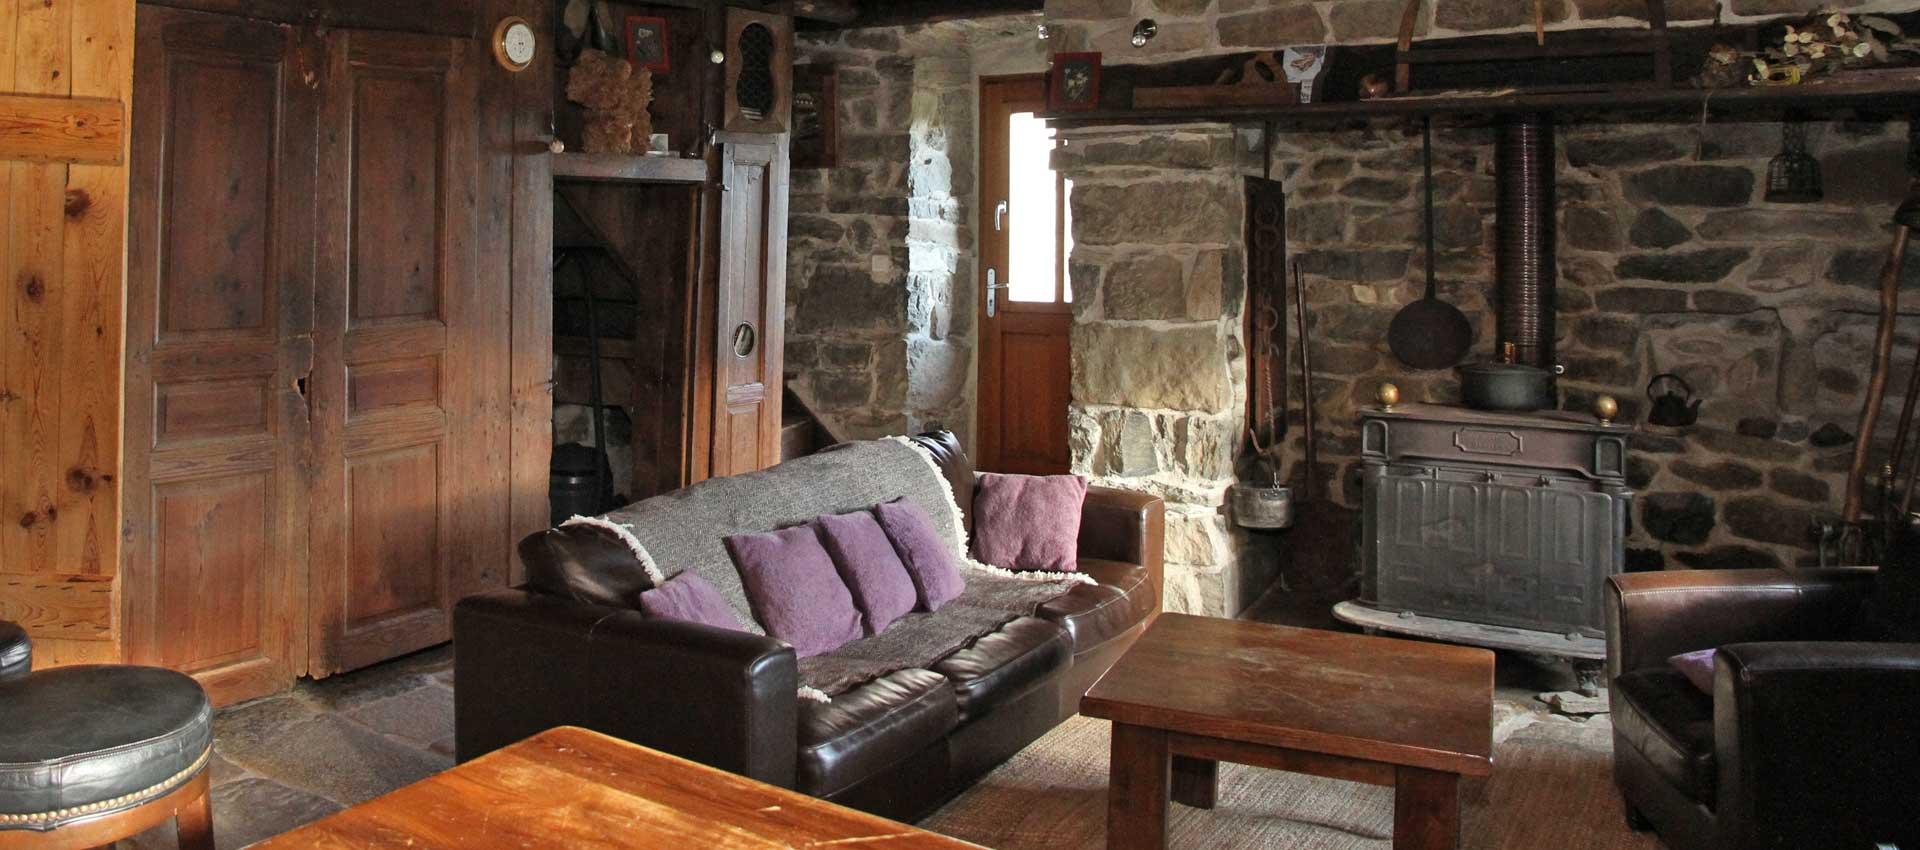 g te chambres et table d 39 h tes en ard che le mas de la sard che. Black Bedroom Furniture Sets. Home Design Ideas